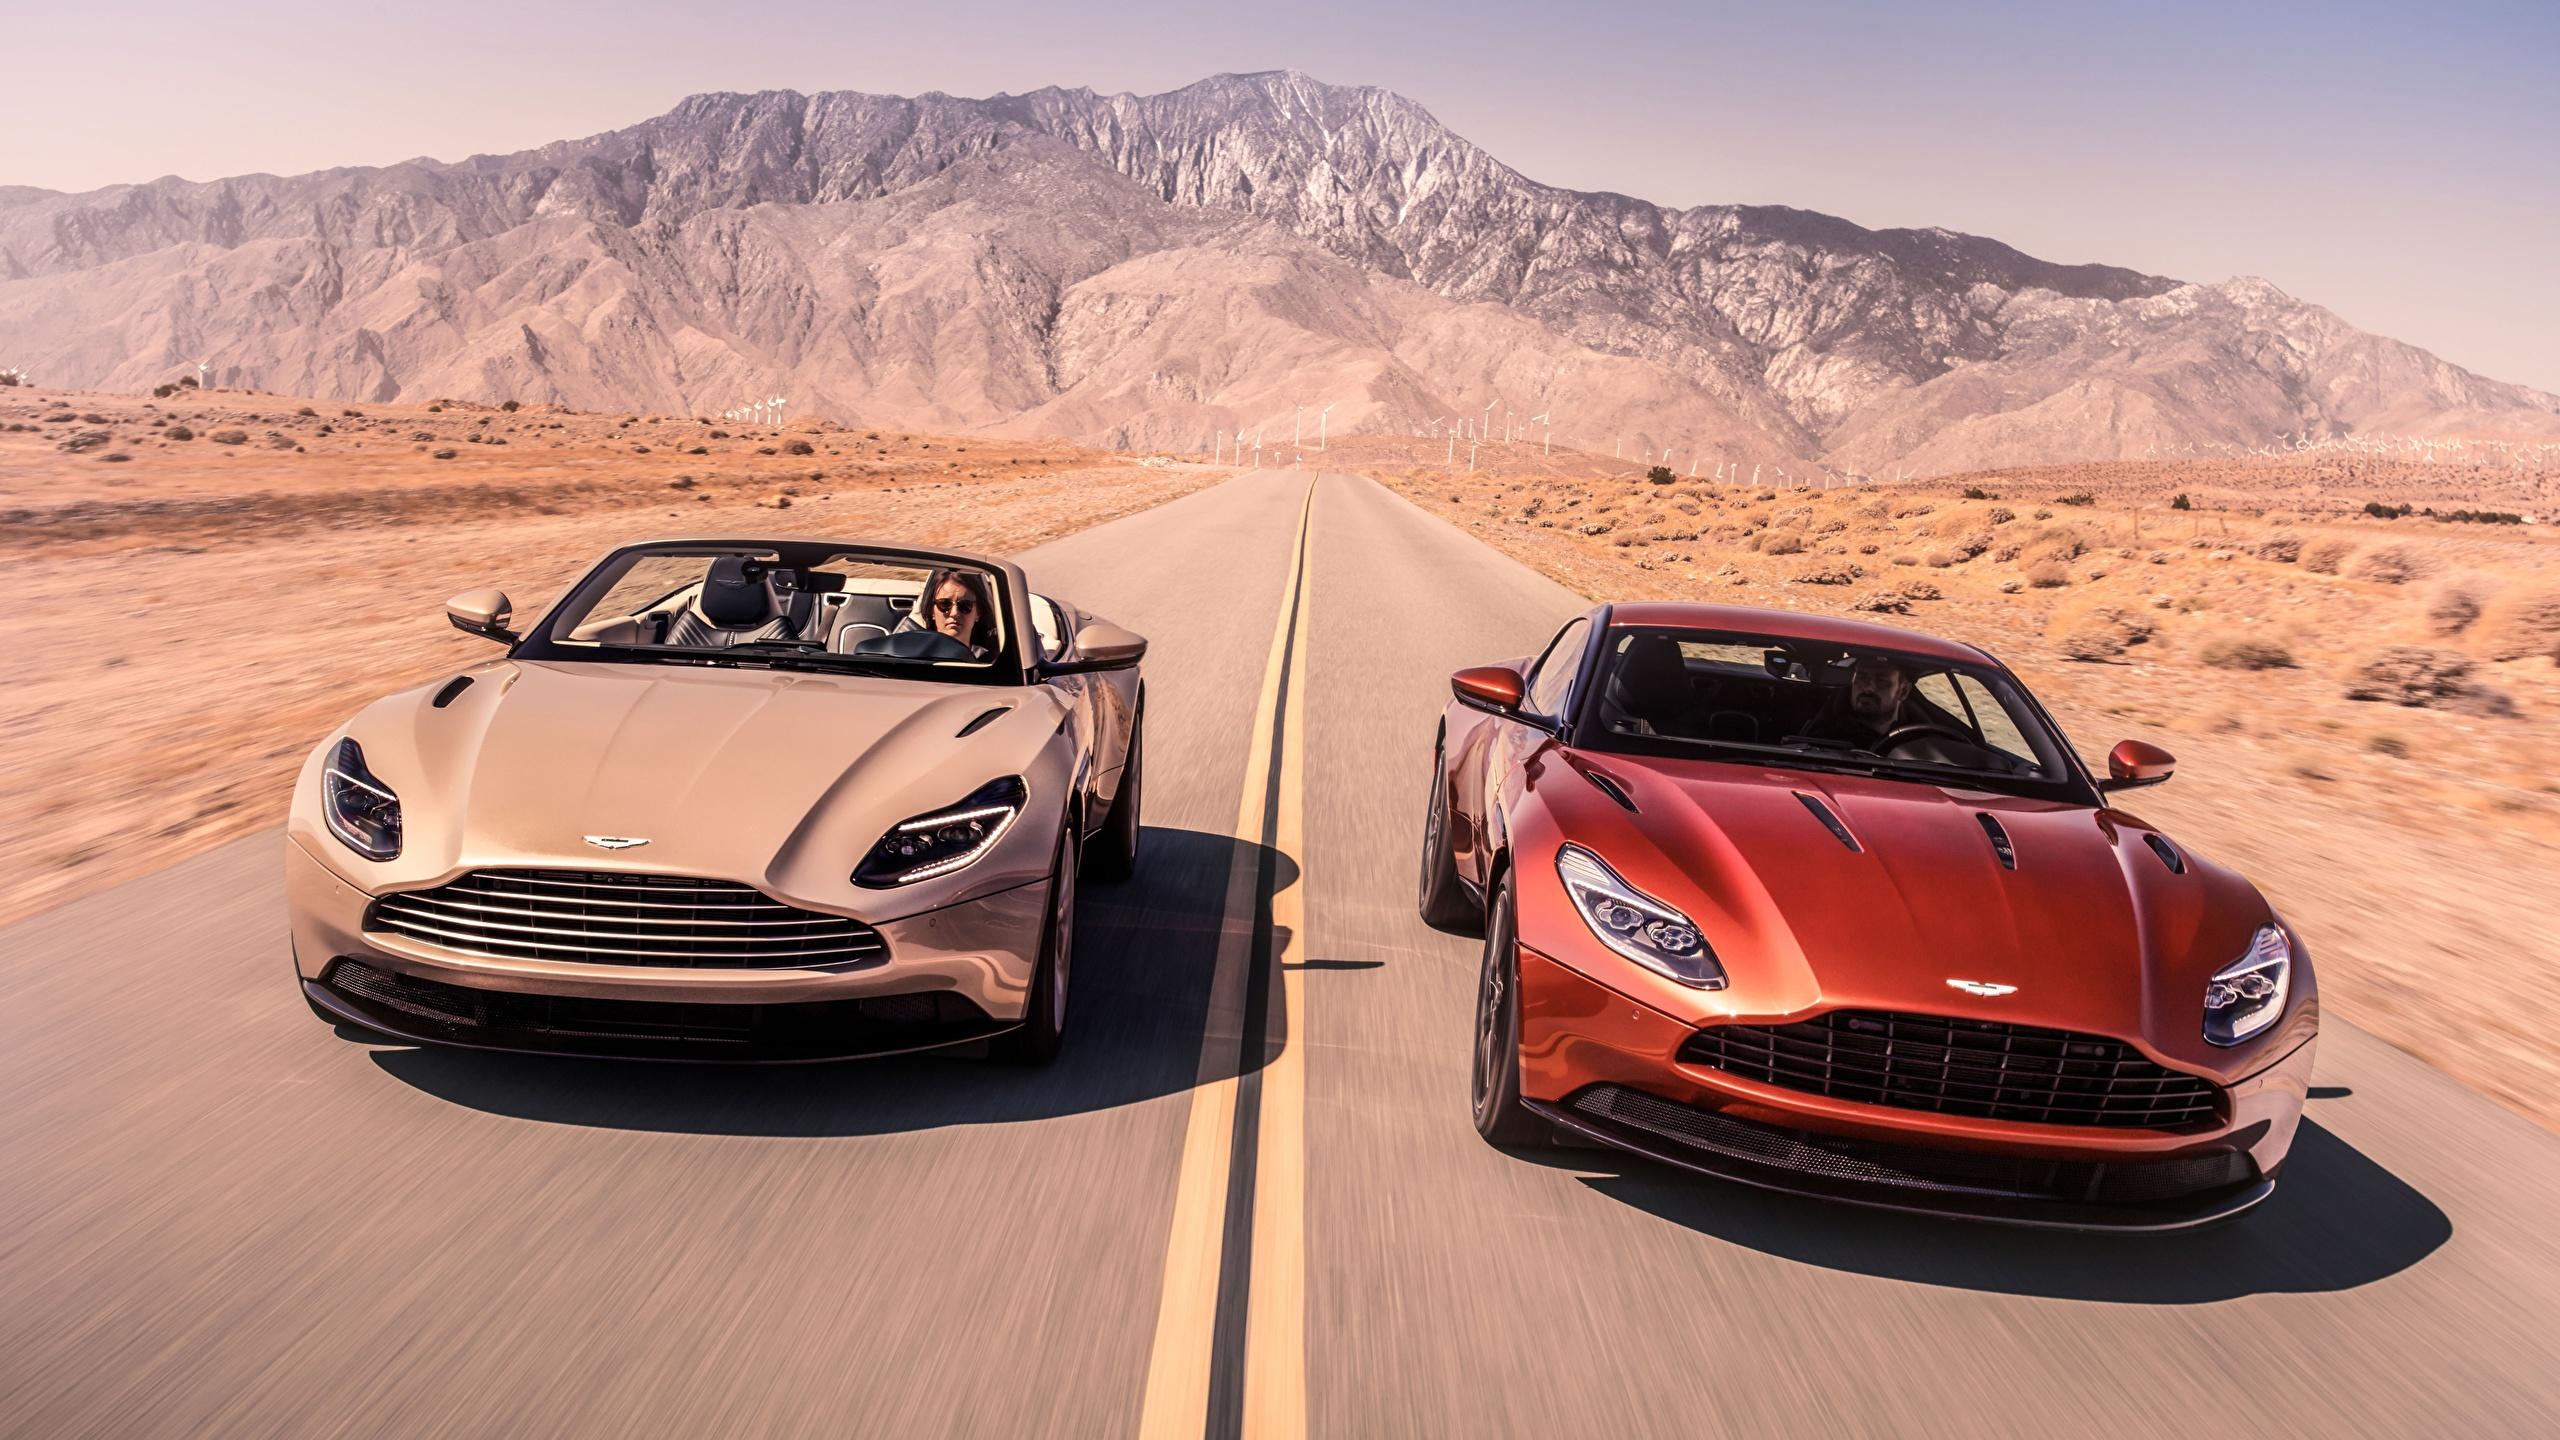 Фотографии Aston Martin DB11, V8, Volante, 2018 кабриолета 2 Дороги Движение машина 2560x1440 Астон мартин Кабриолет два две Двое вдвоем едет едущий едущая скорость авто машины Автомобили автомобиль